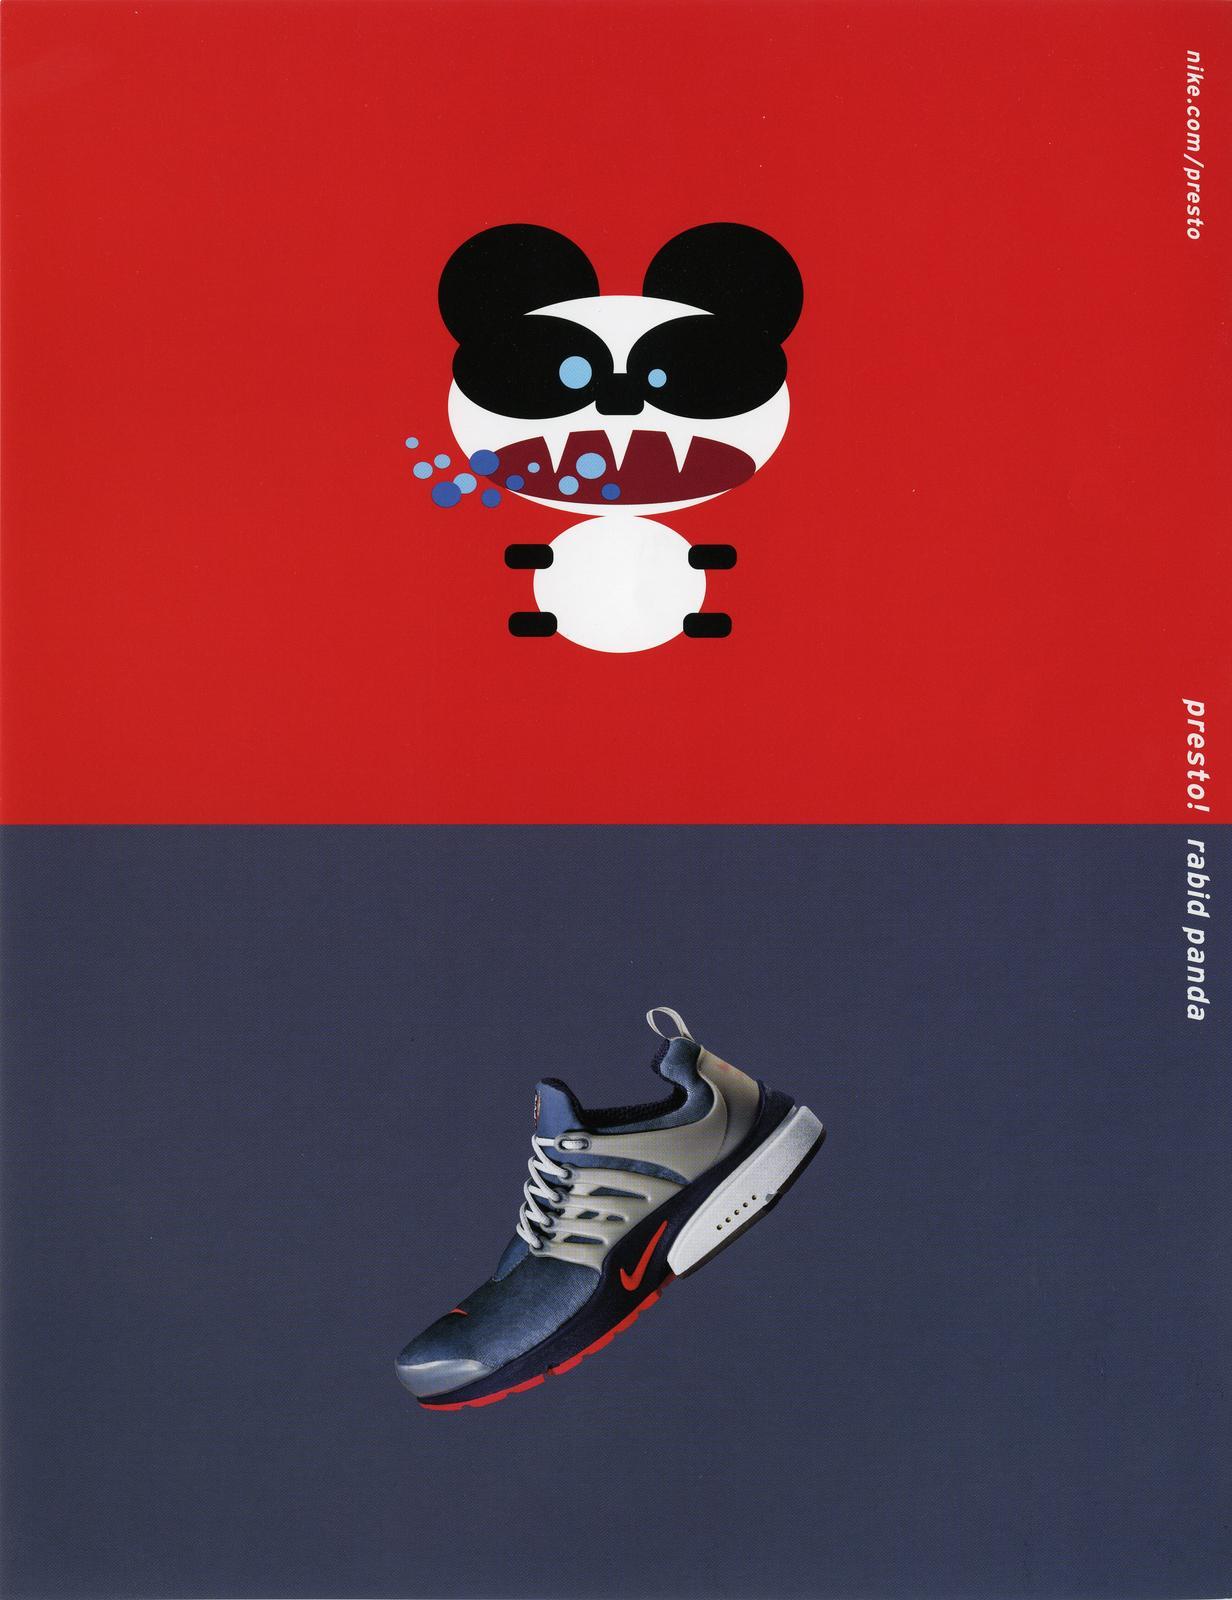 Nike Air Presto Rabid Panda